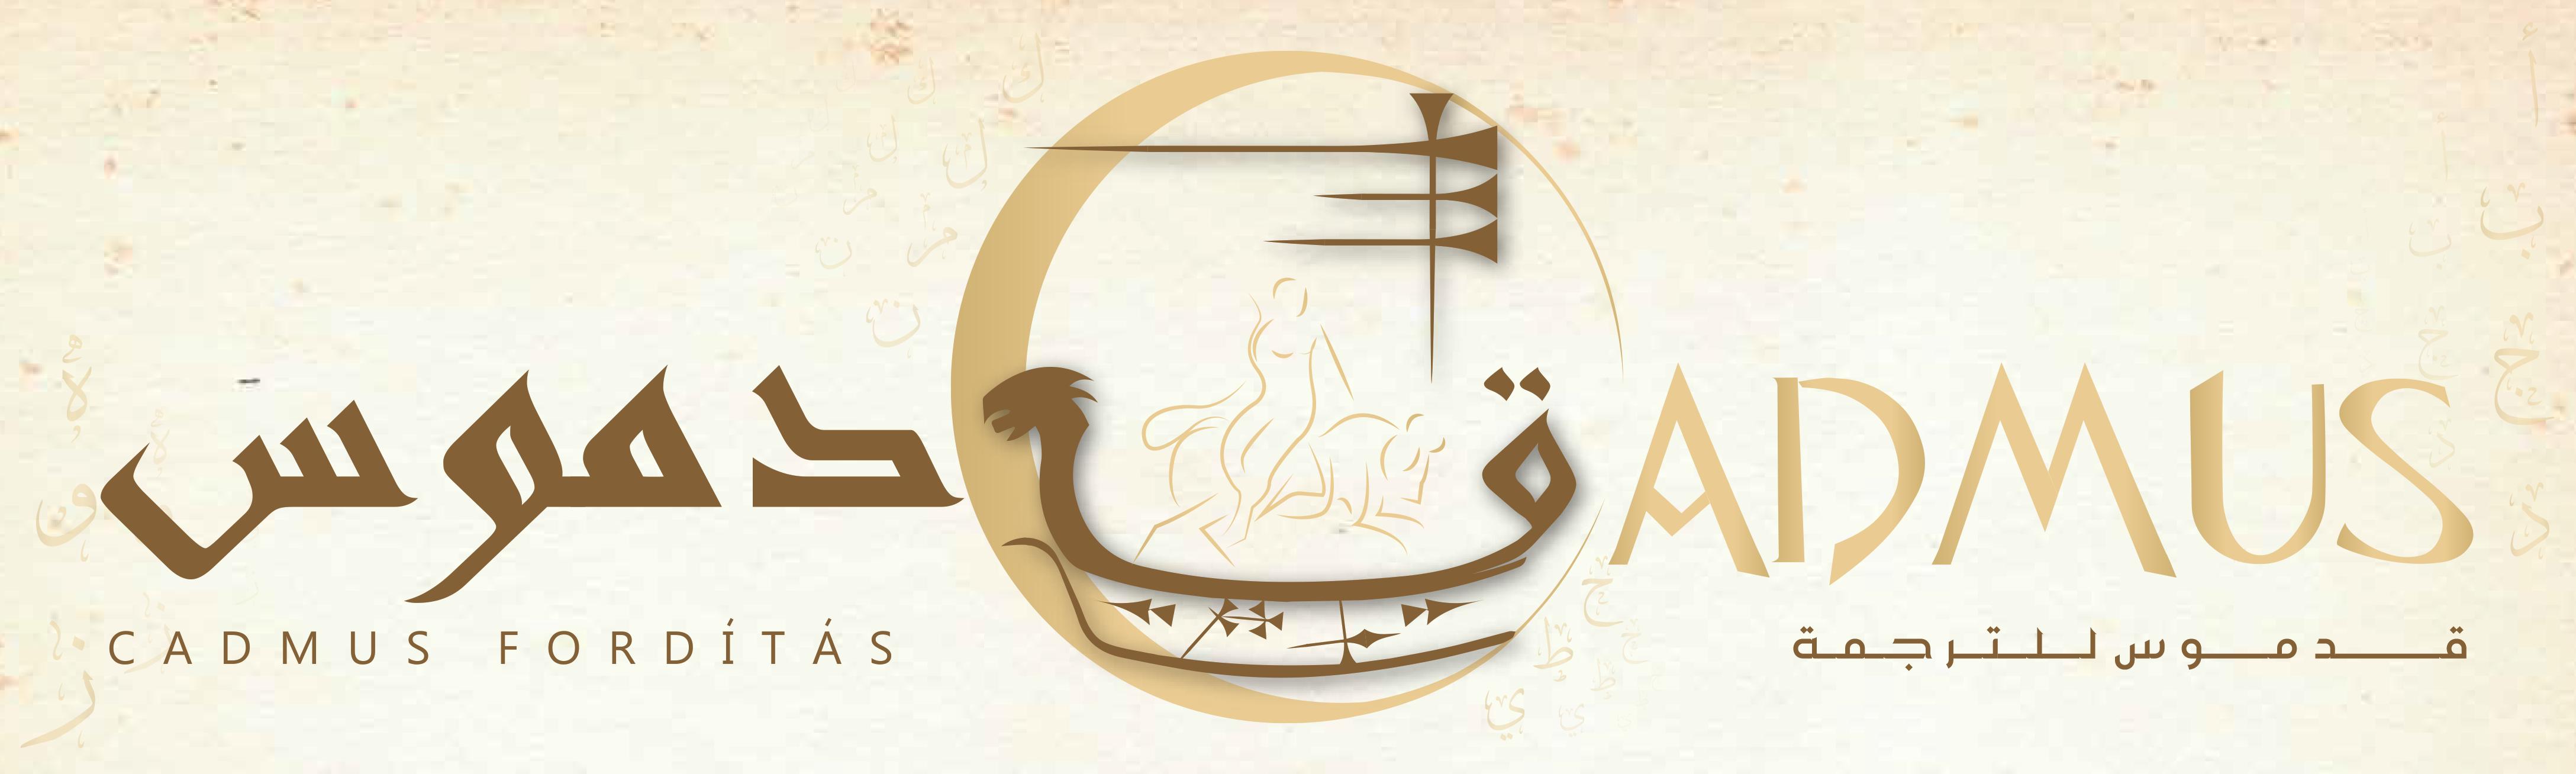 Cadmus Fordítás, arab-magyar és magyar-arab fordítás és tolmácsolás Budapesten